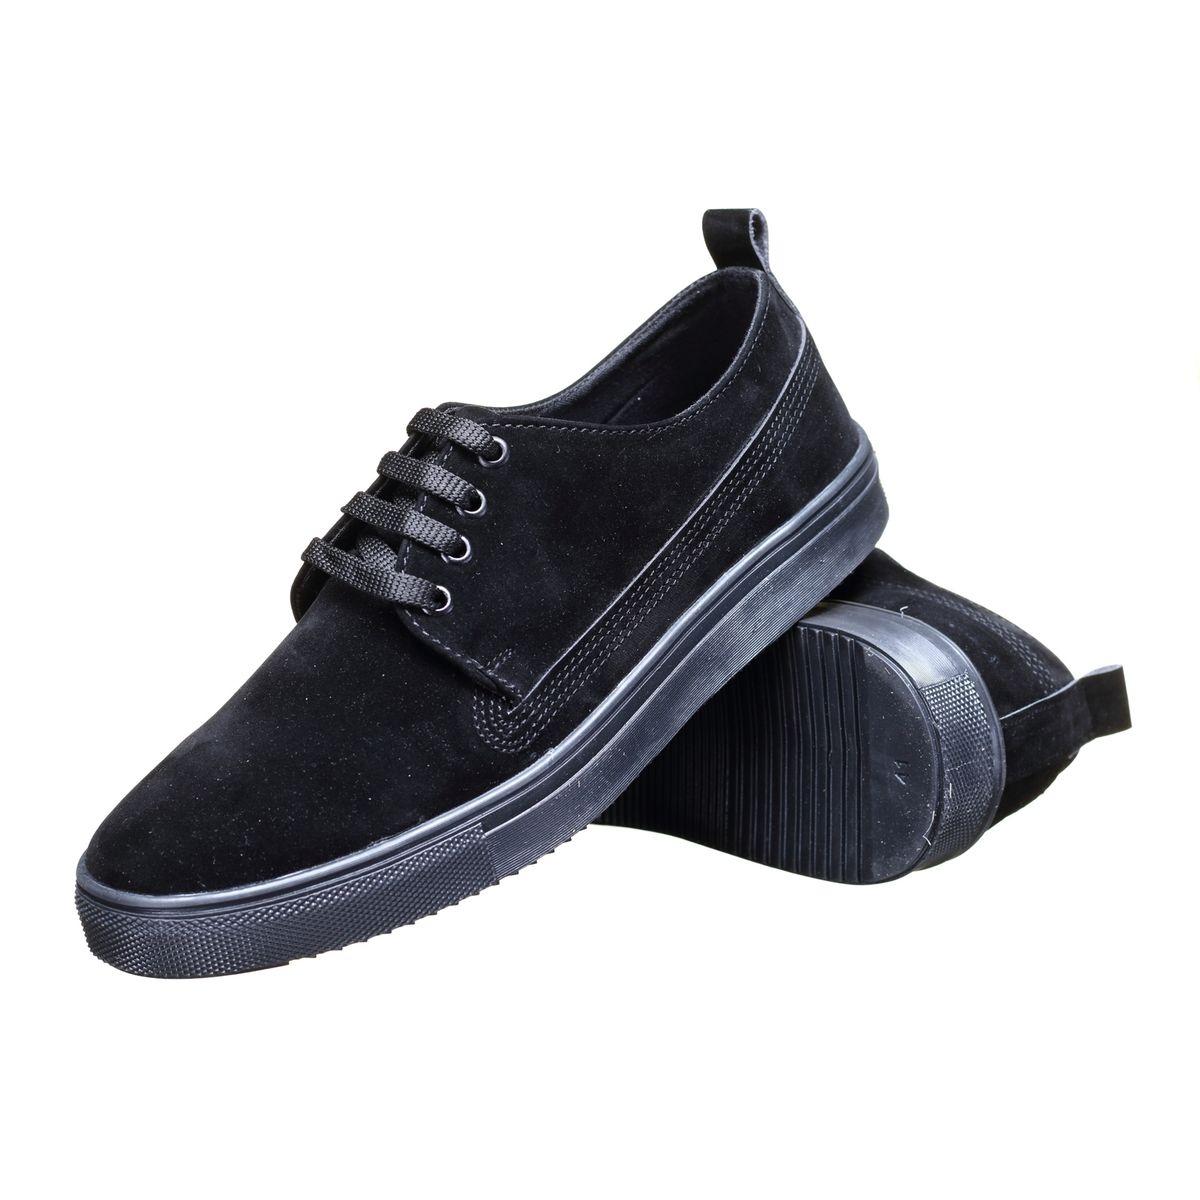 Chaussures LEADERMODE · Chaussures pour homme. Nouveau Basket basses à  lacets